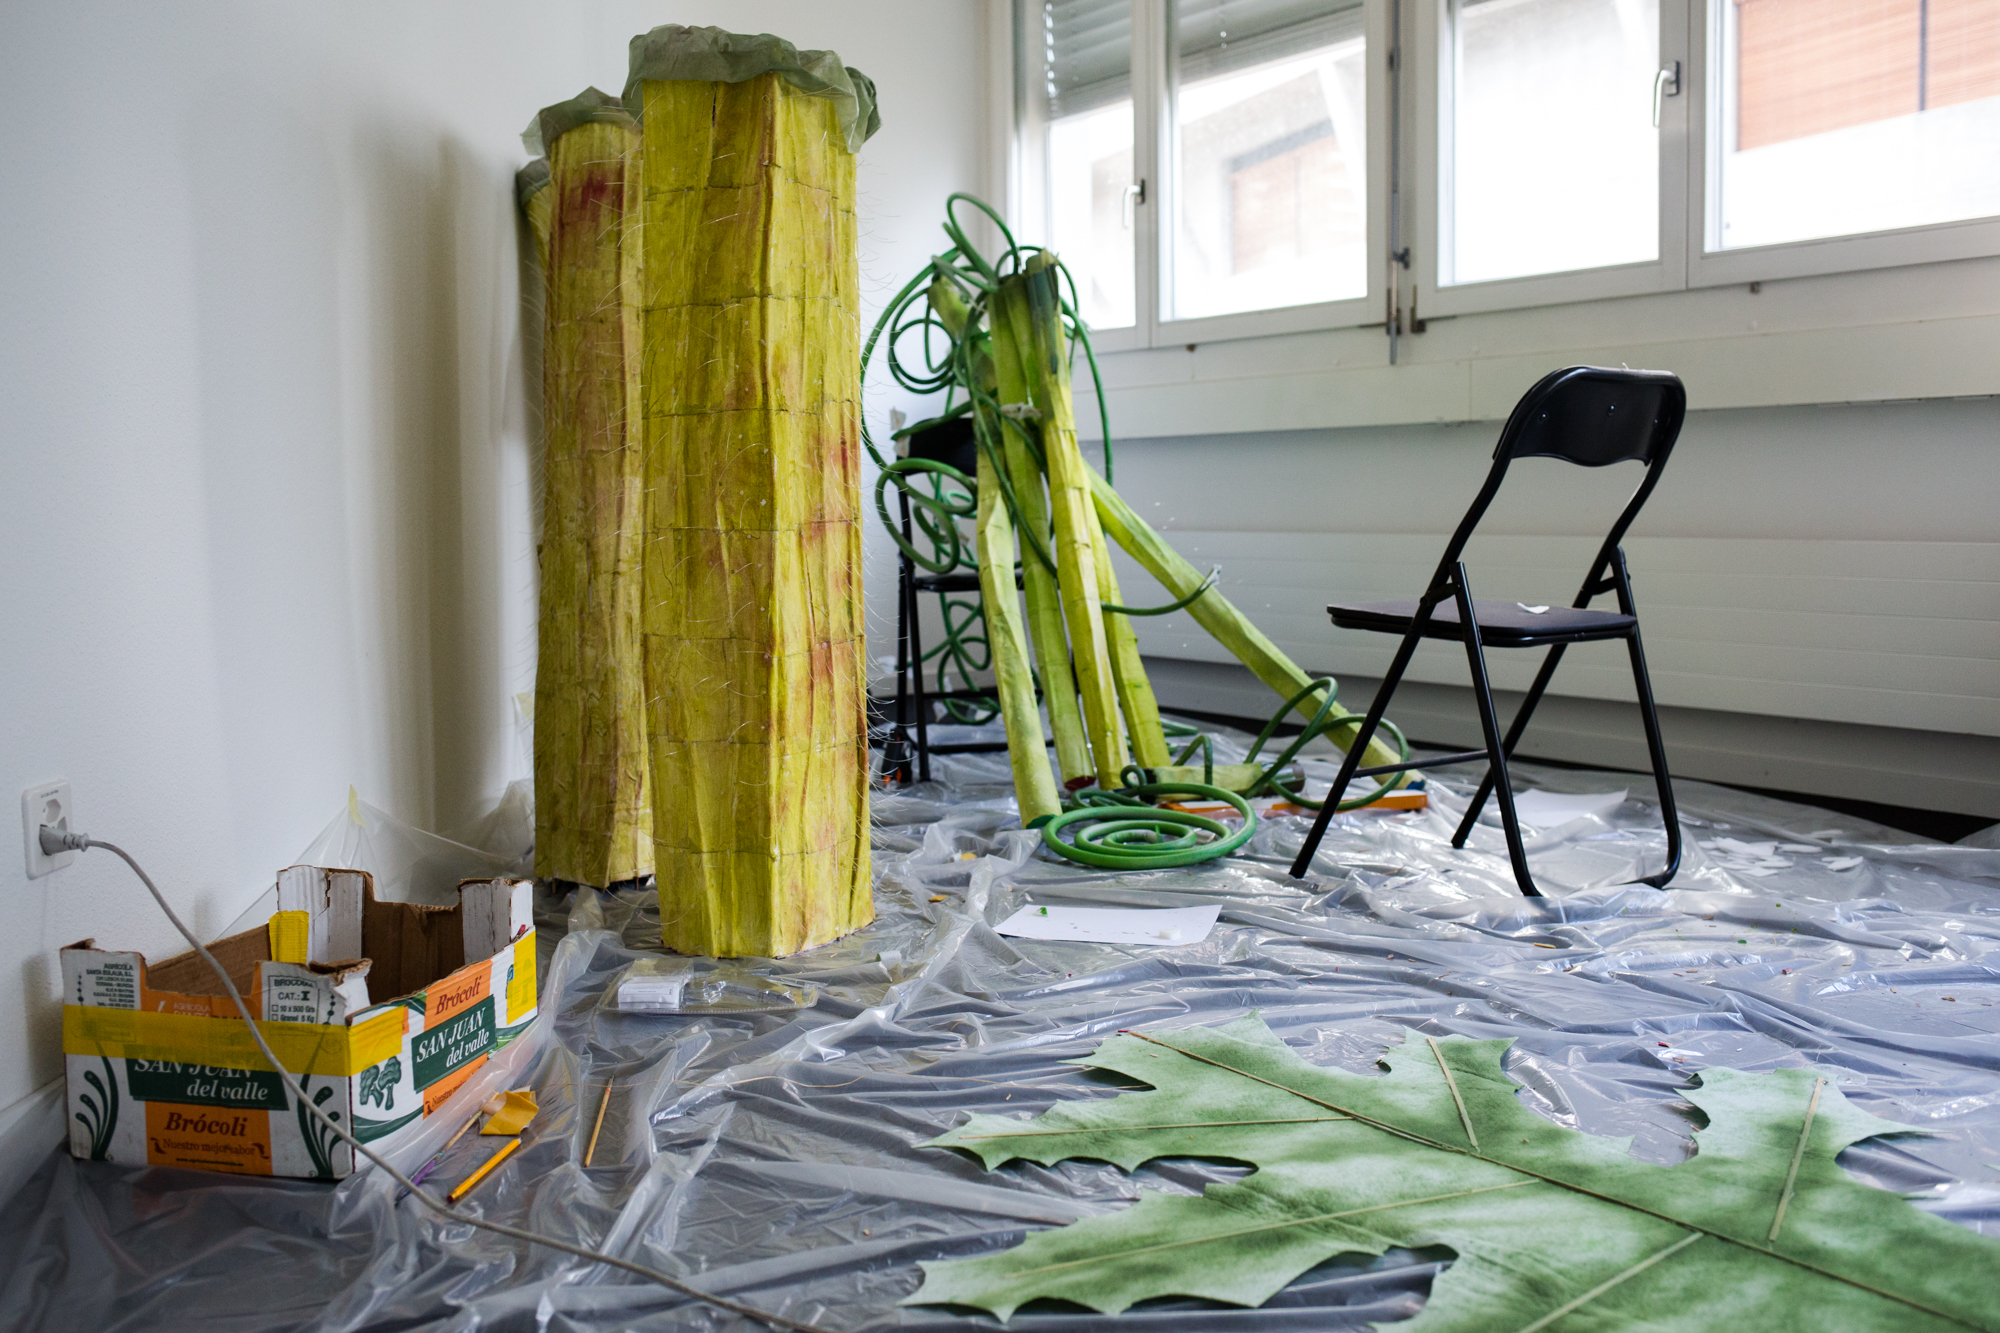 Der Künstler Johannes Willi im Atelier am Freilagerplatz.